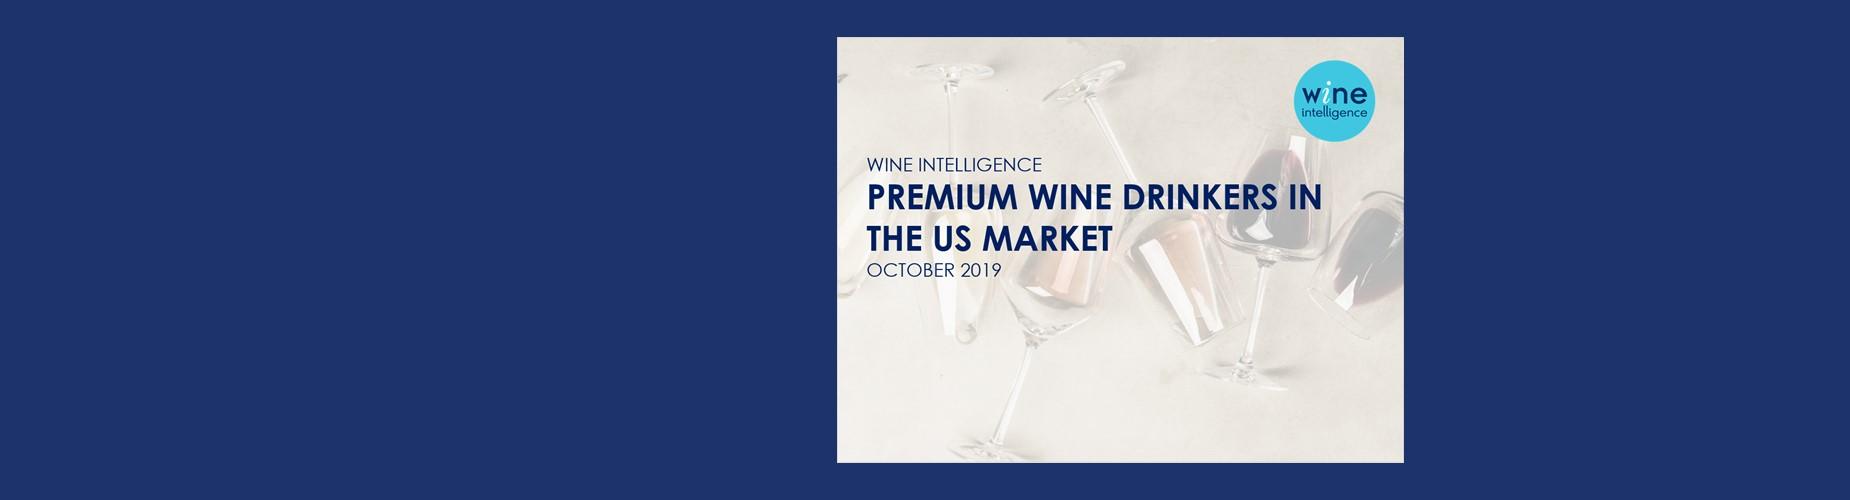 US Premium